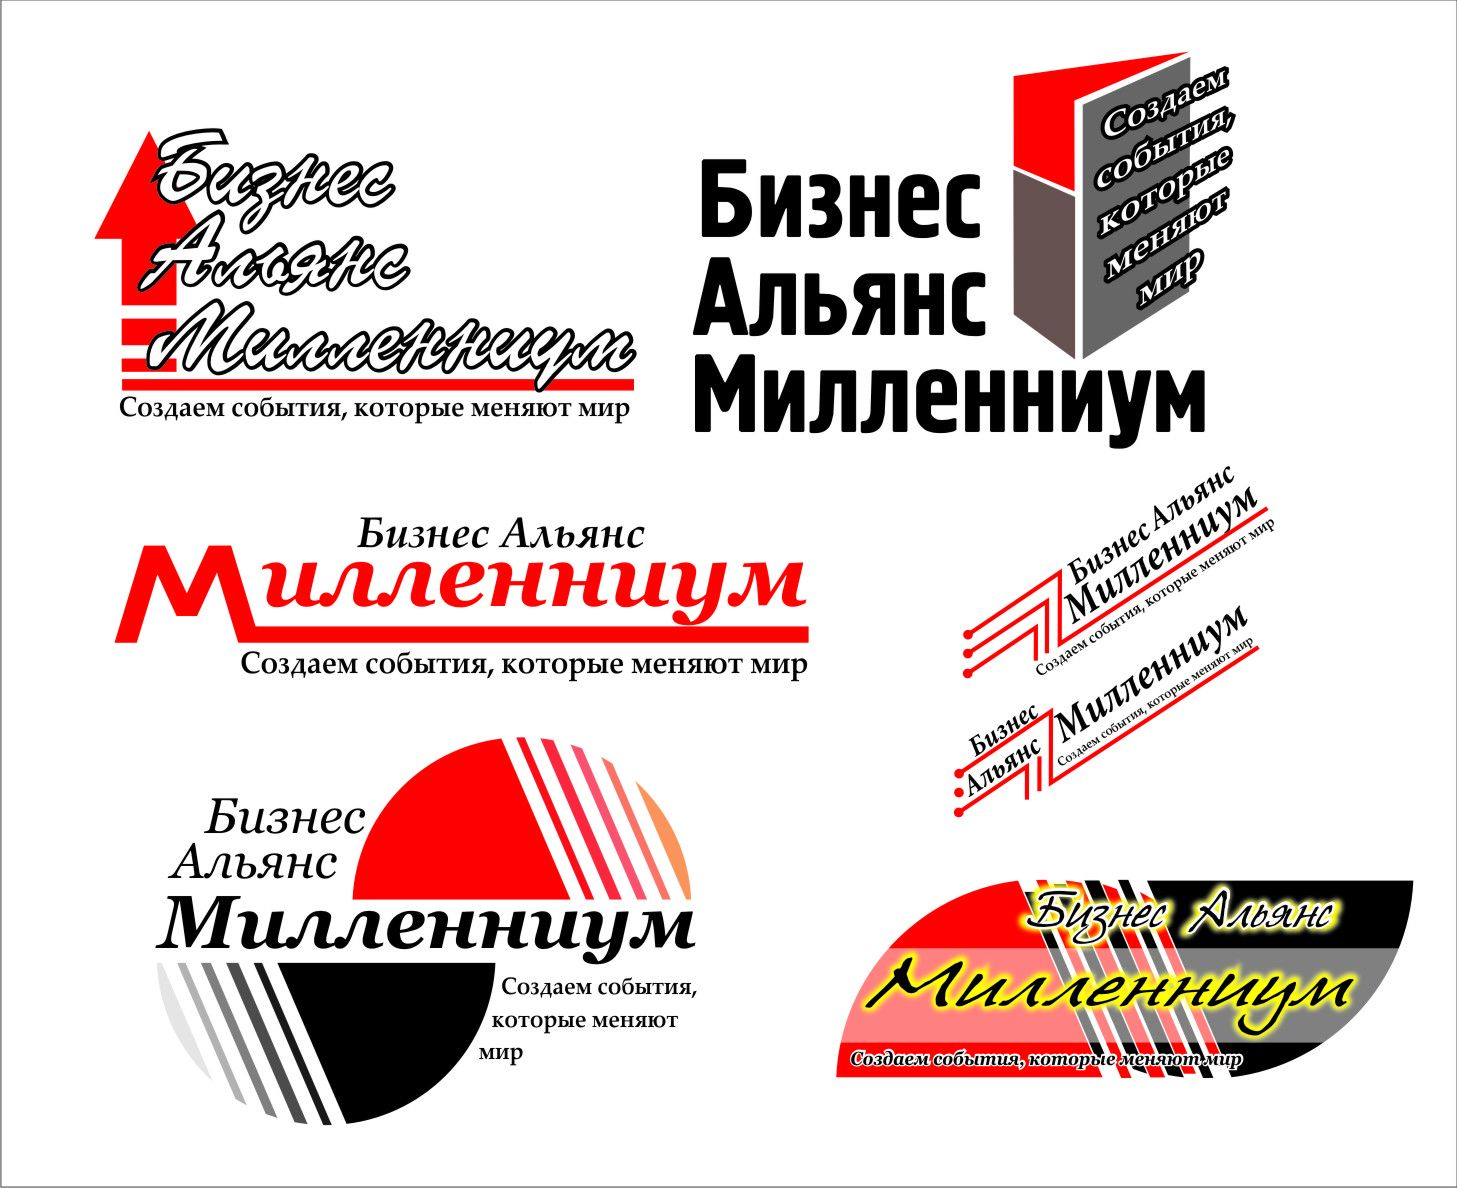 Бизнес Альянс Милленниум - дизайнер olya19aries91